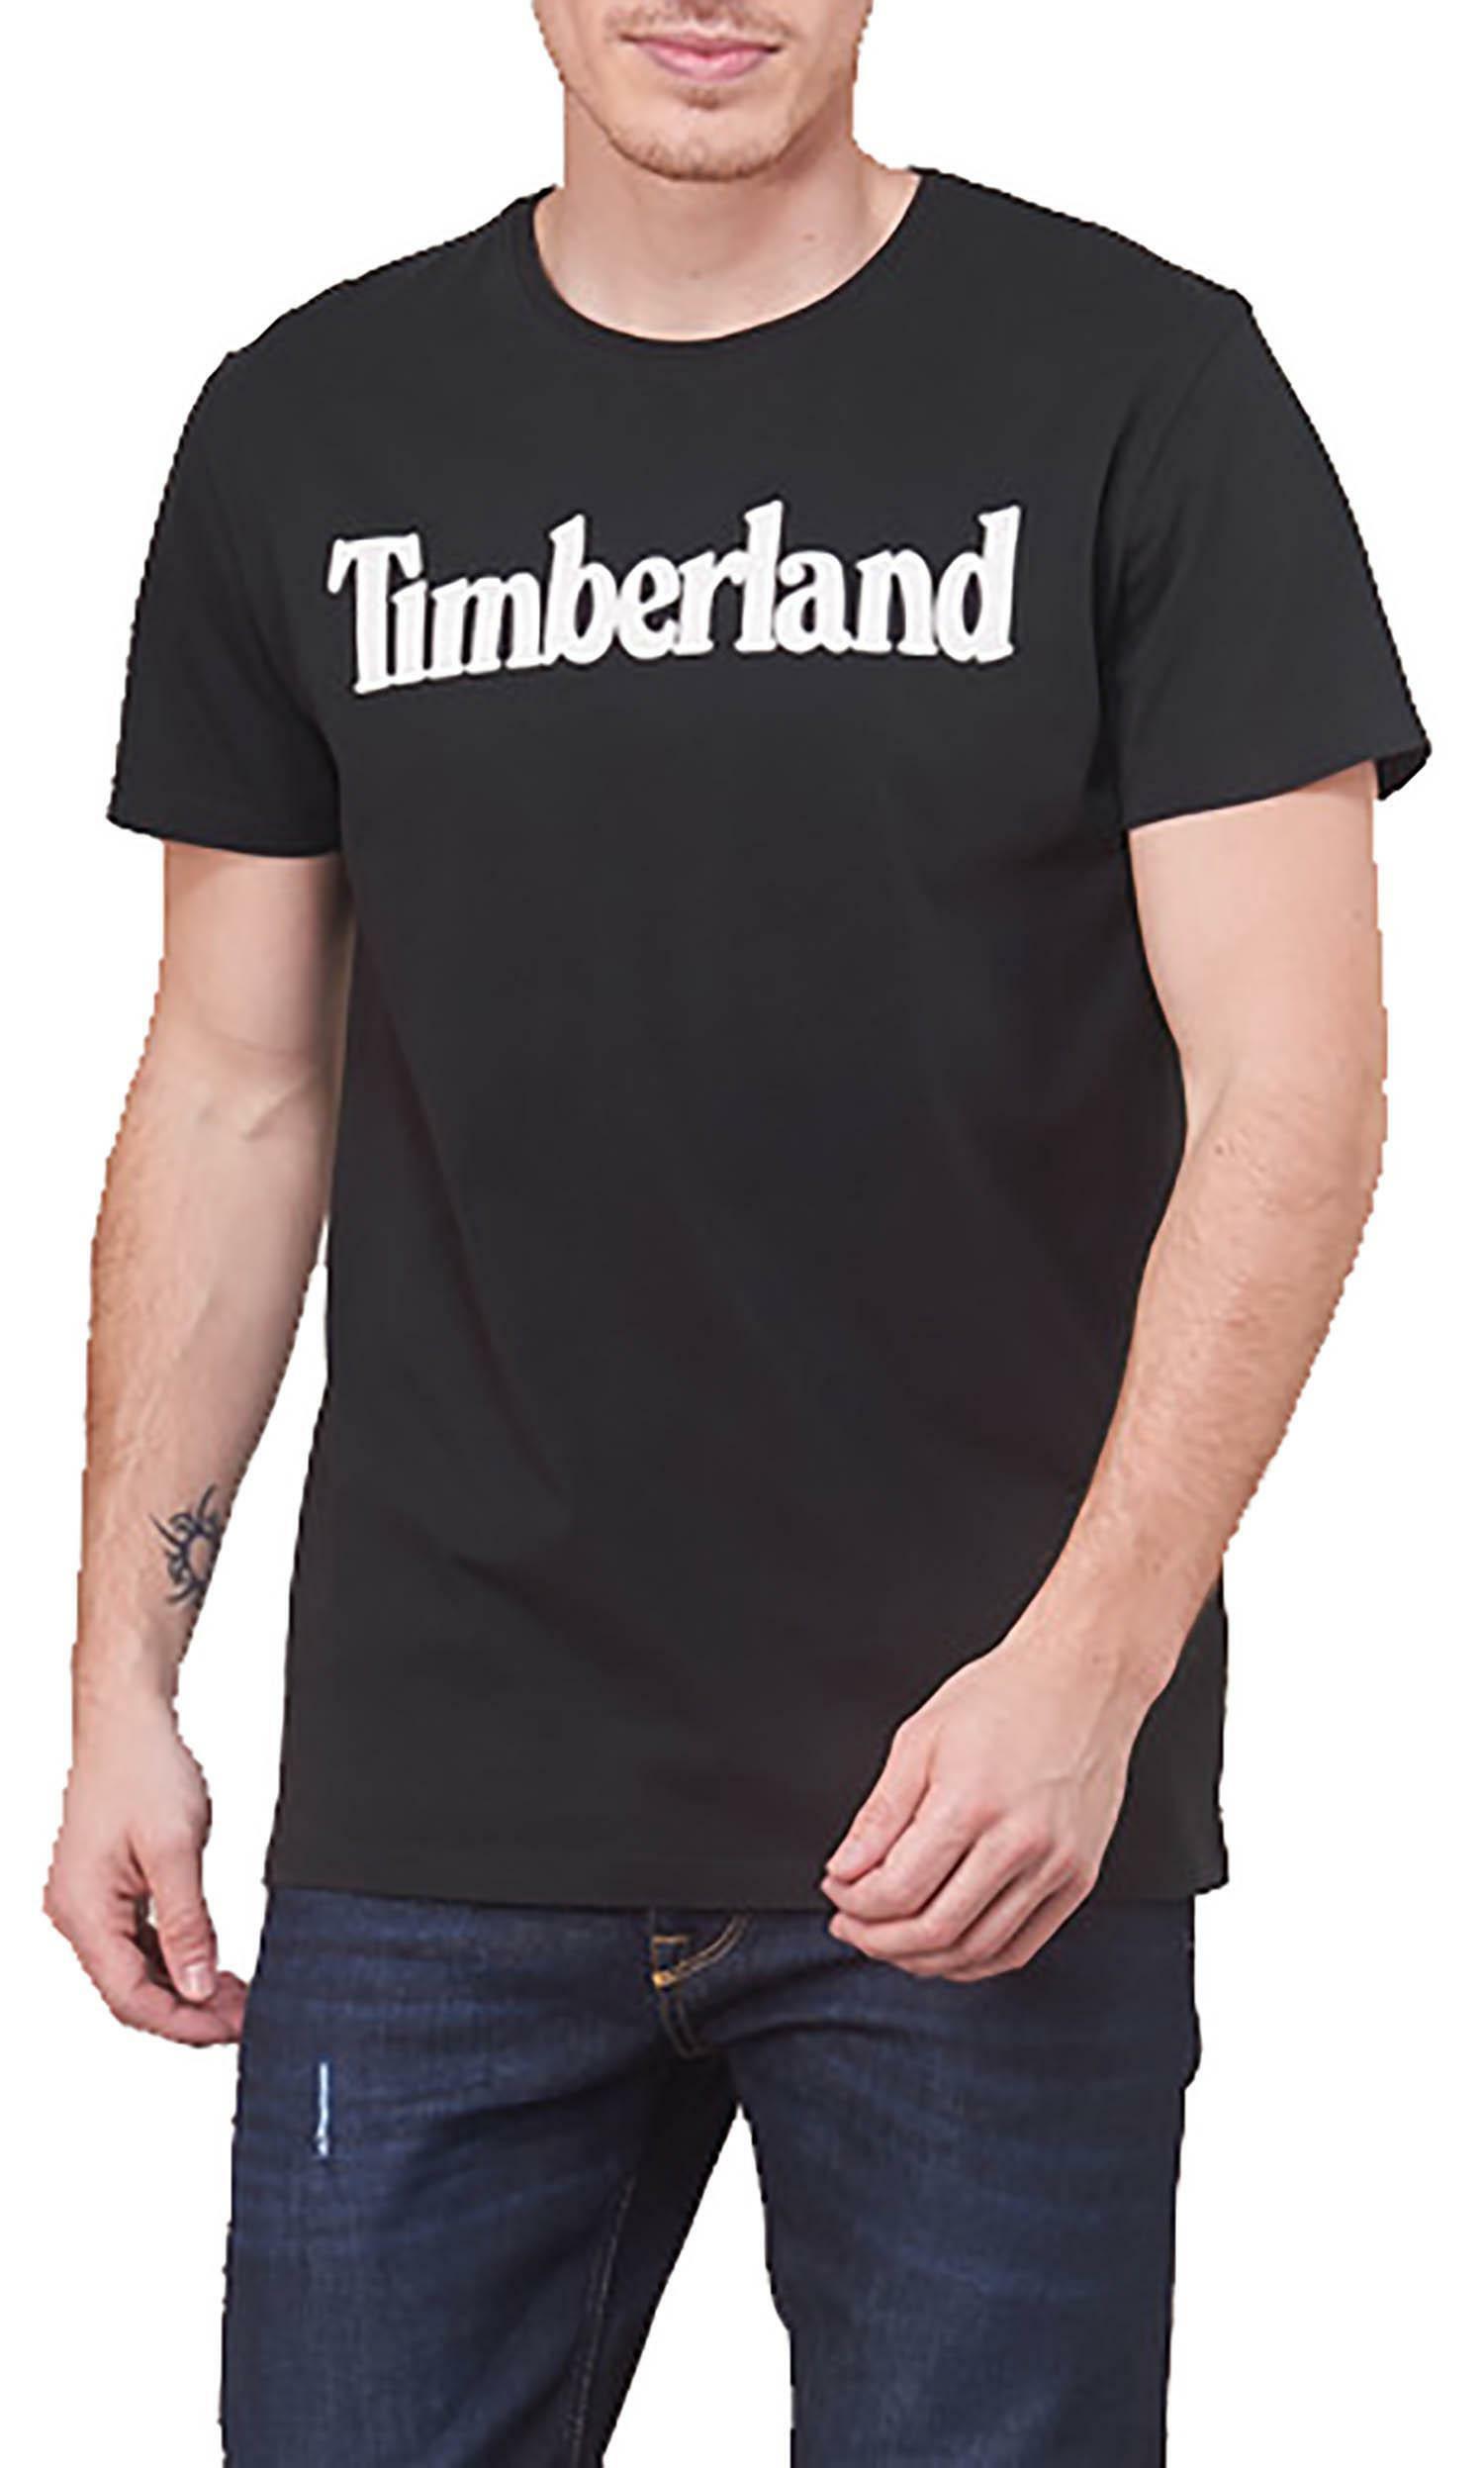 Herren Tshirt Schwarz Hommes Tshirt Noir Cadeau Geschenk triumph